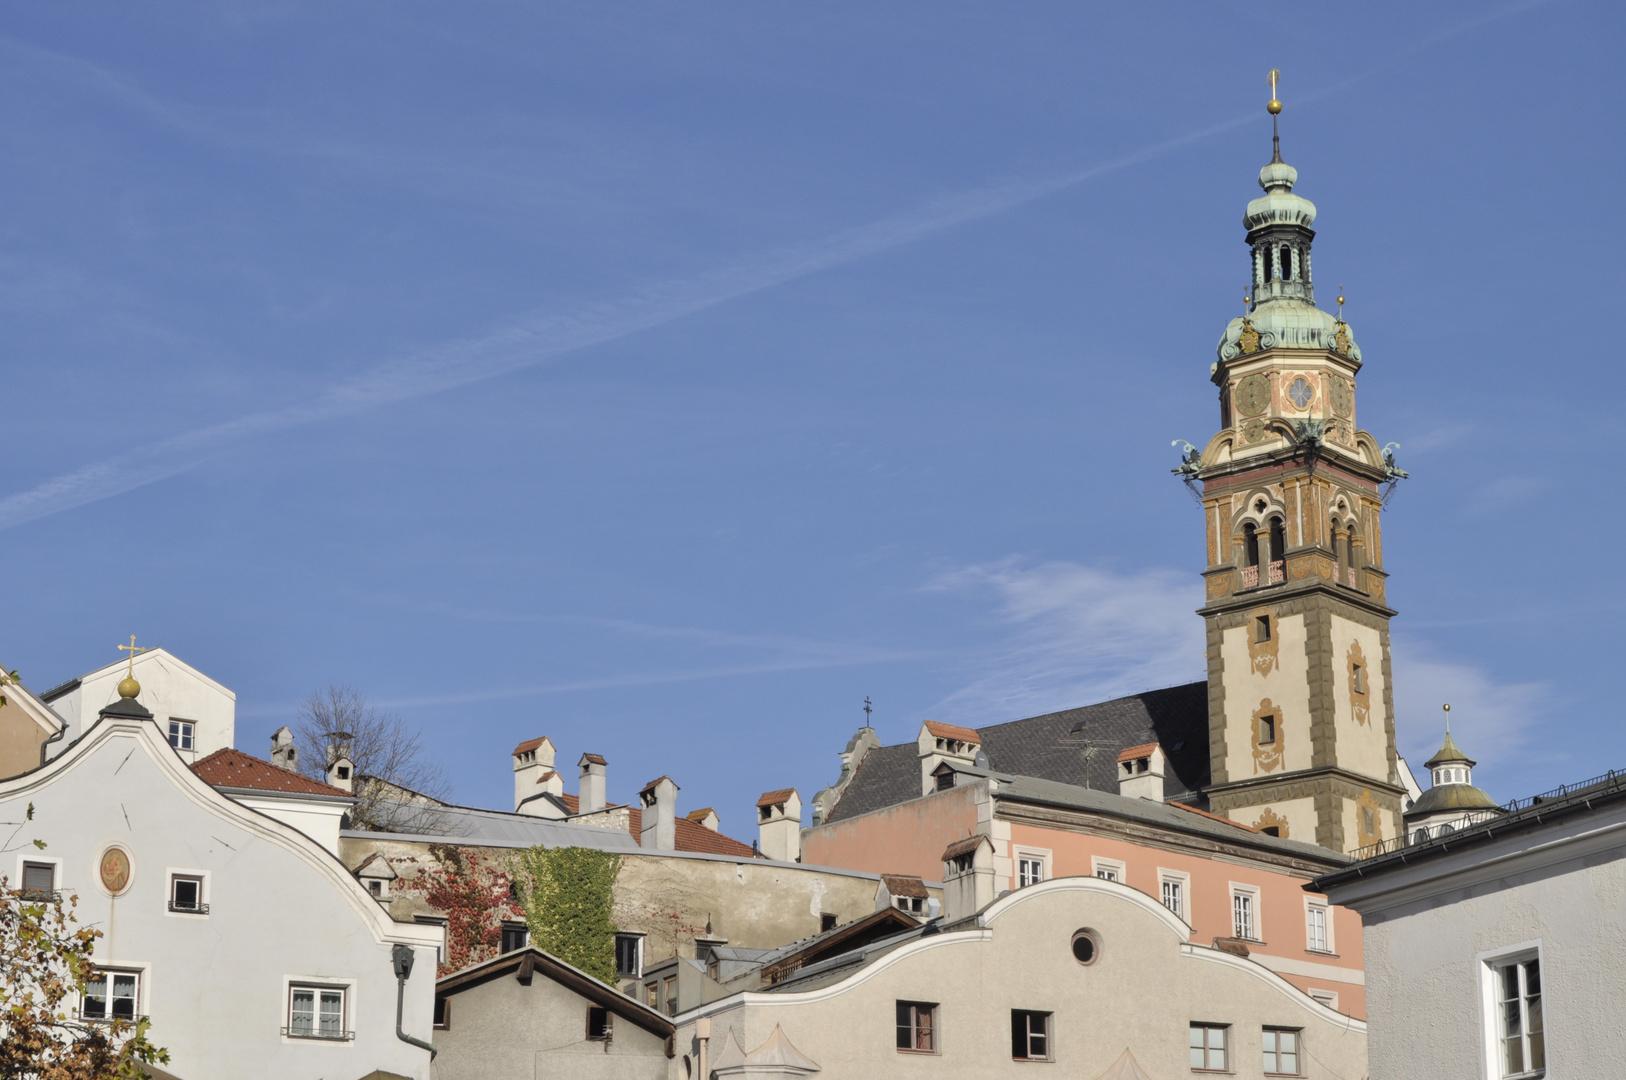 Hall i. Tirol